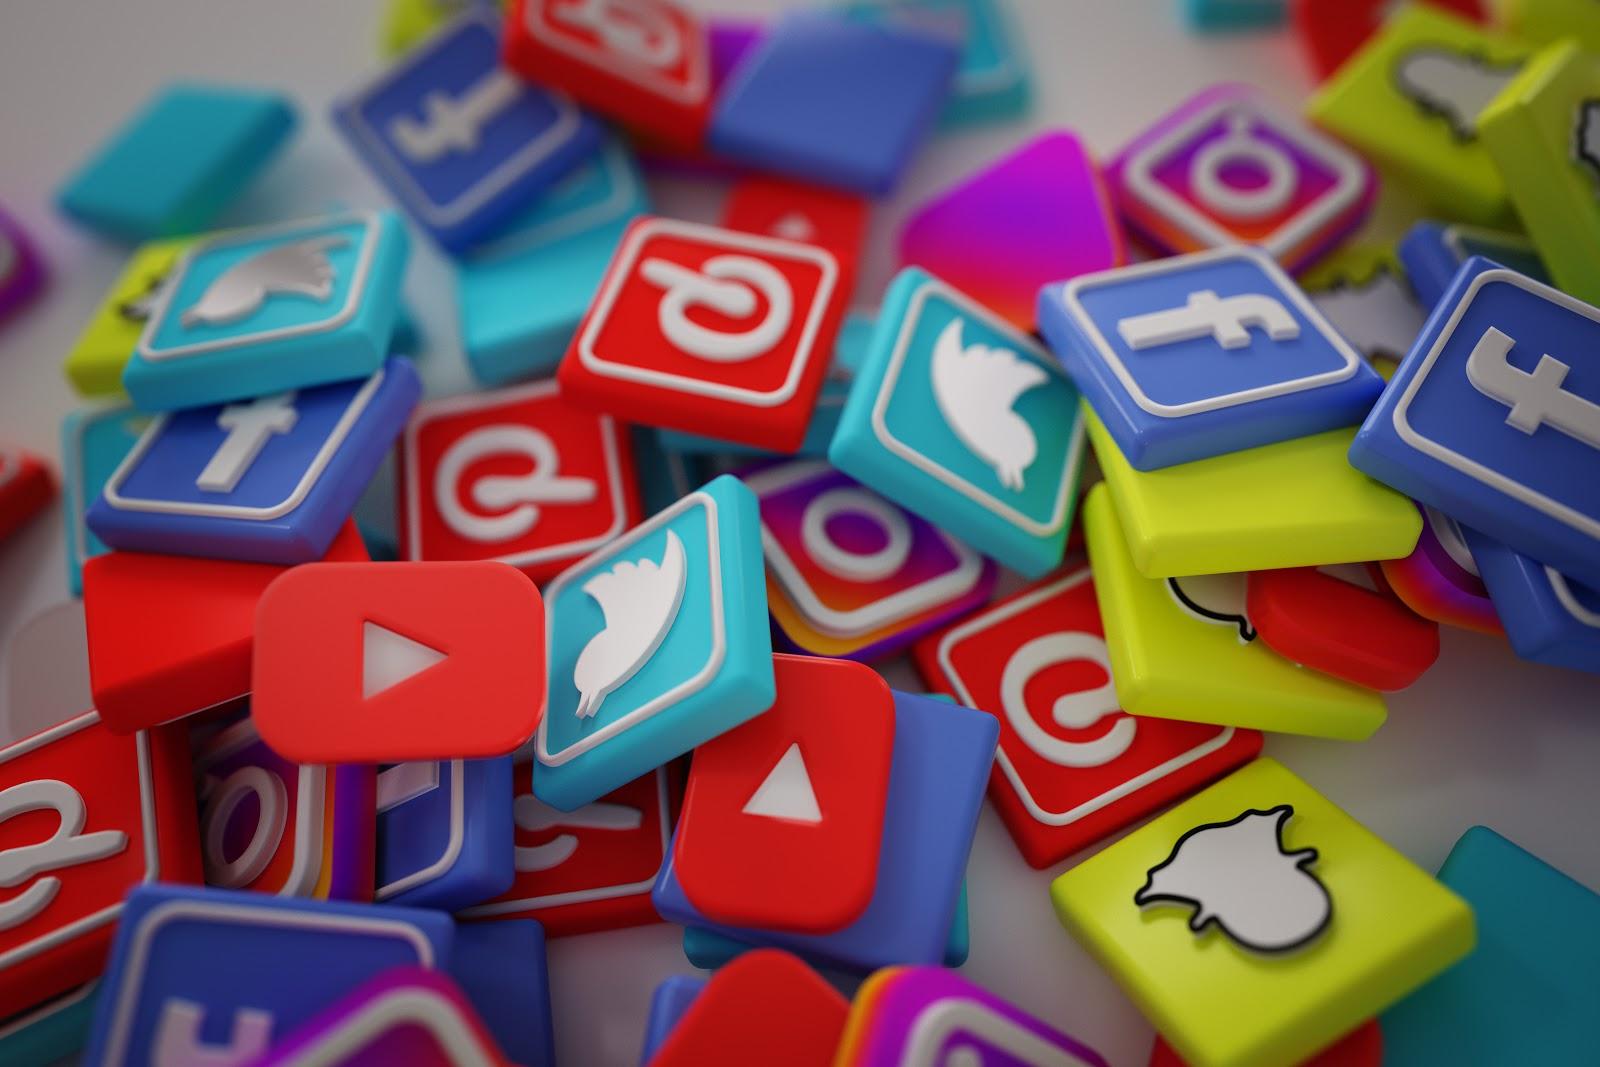 Imagem gráfica com ícones de redes sociais coloridos